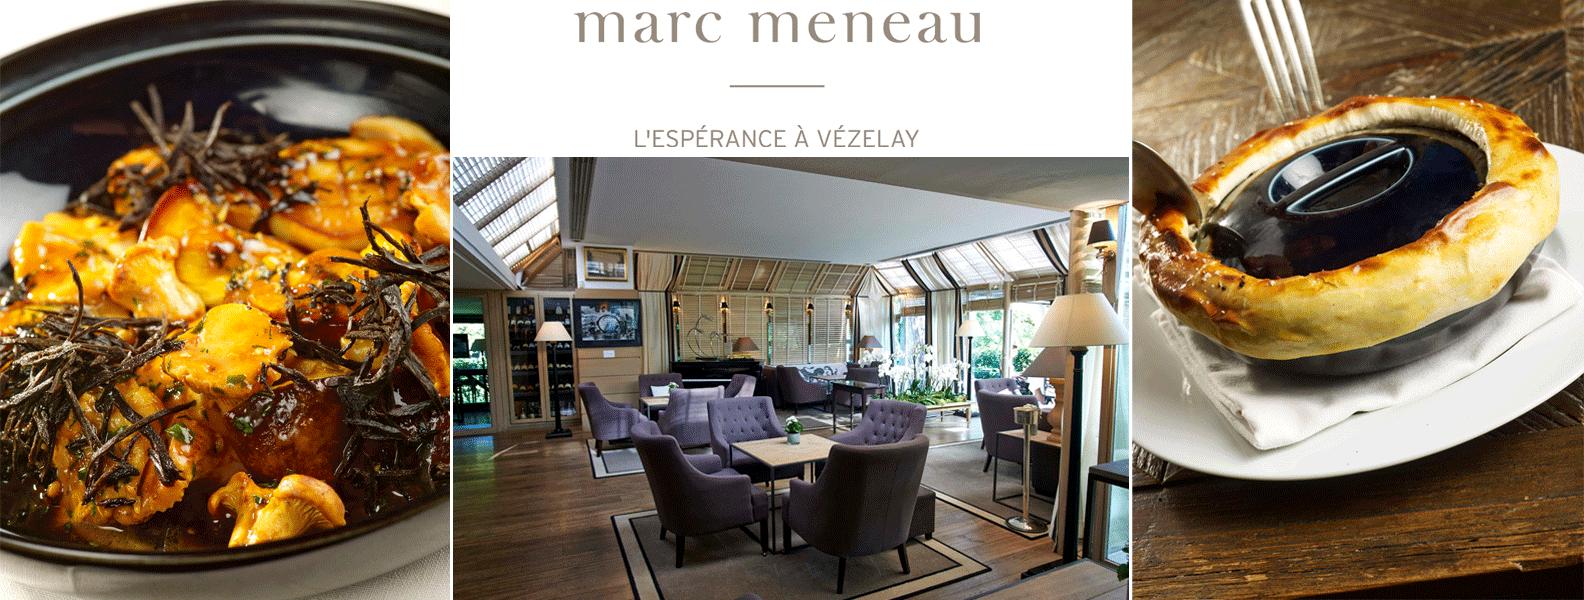 Coffrets Cadeaux L'Espérance à Vézelay Marc Meneau